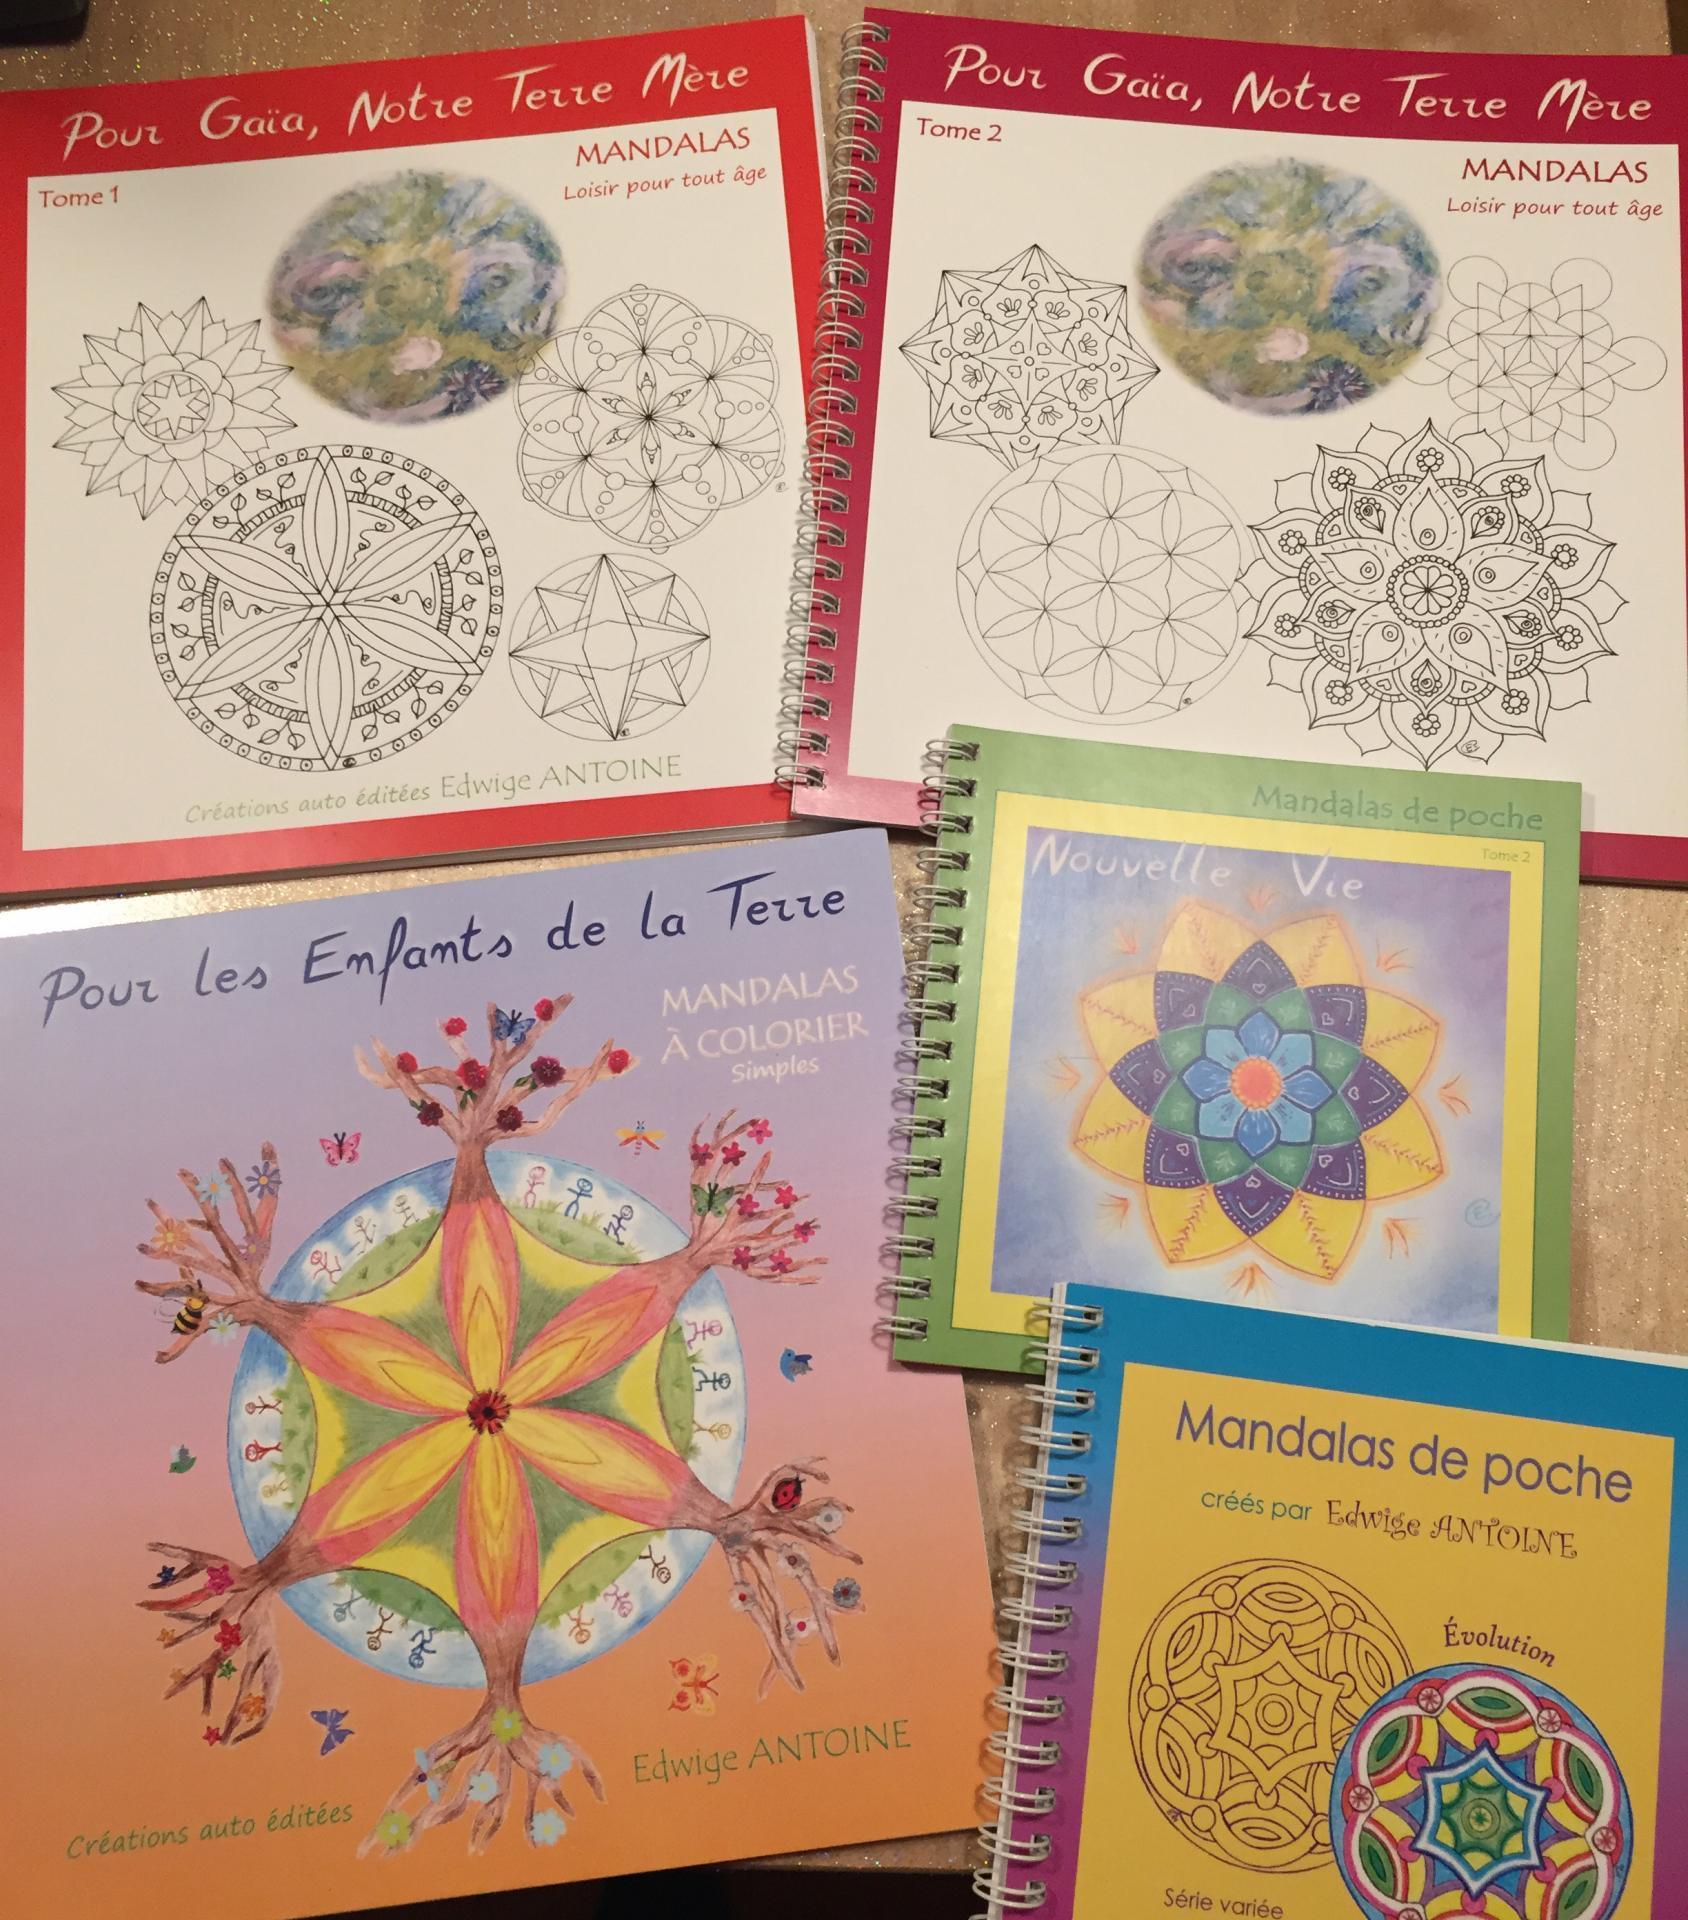 5 autres Livrets de Mandalas à colorier dispos